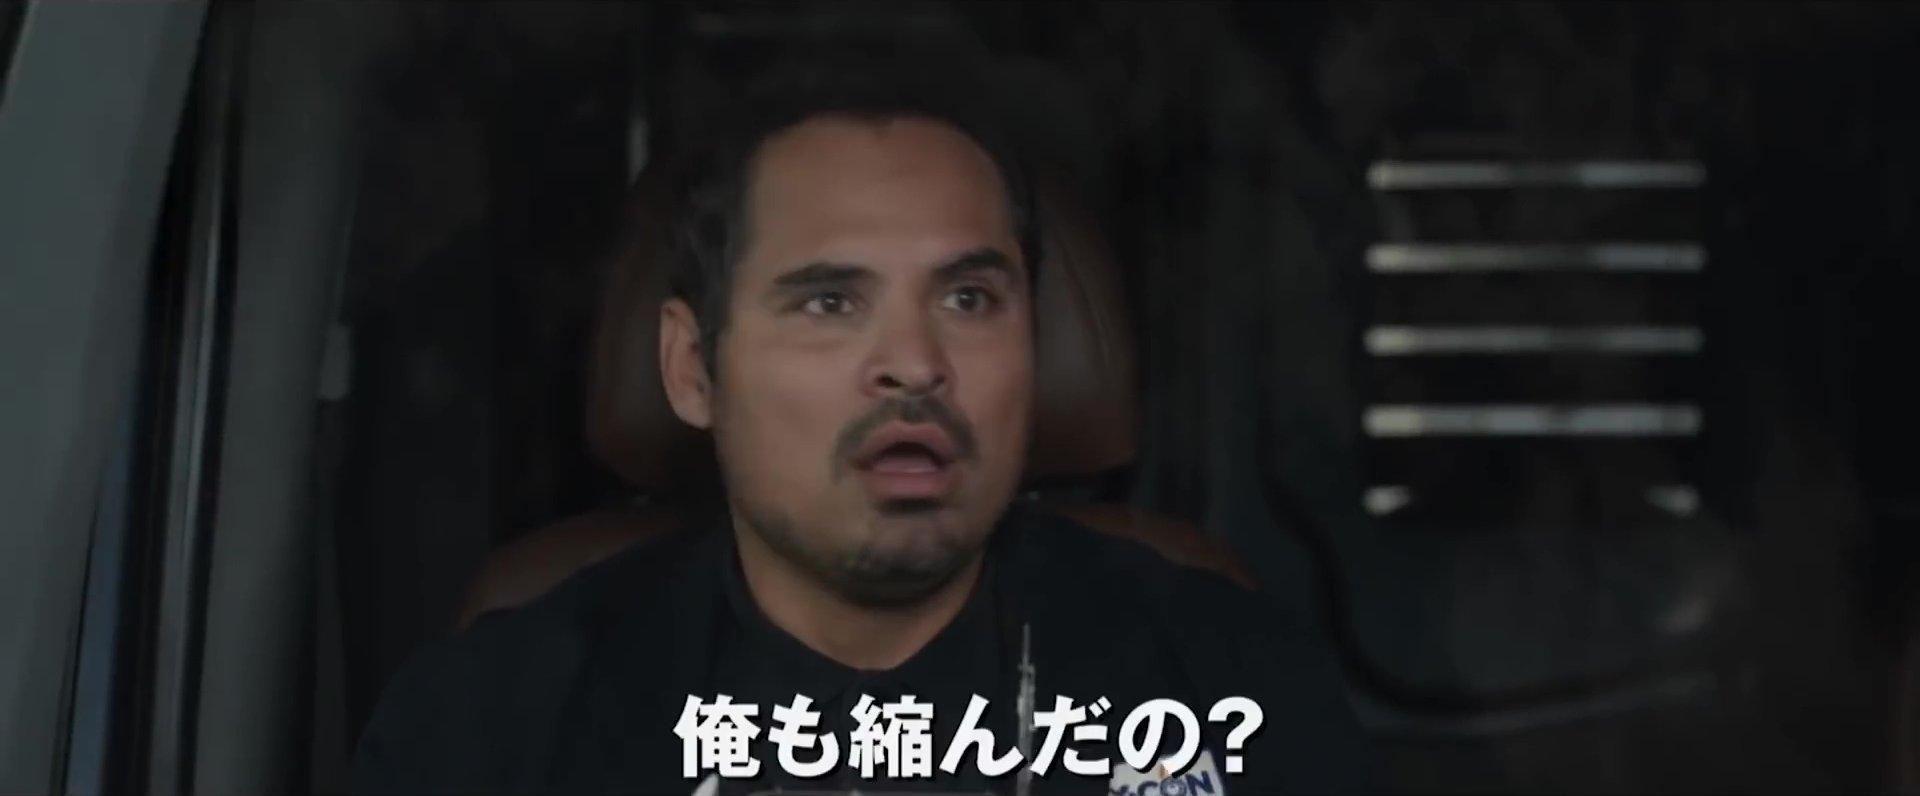 『アントマン&ワスプ』予告編より 相棒